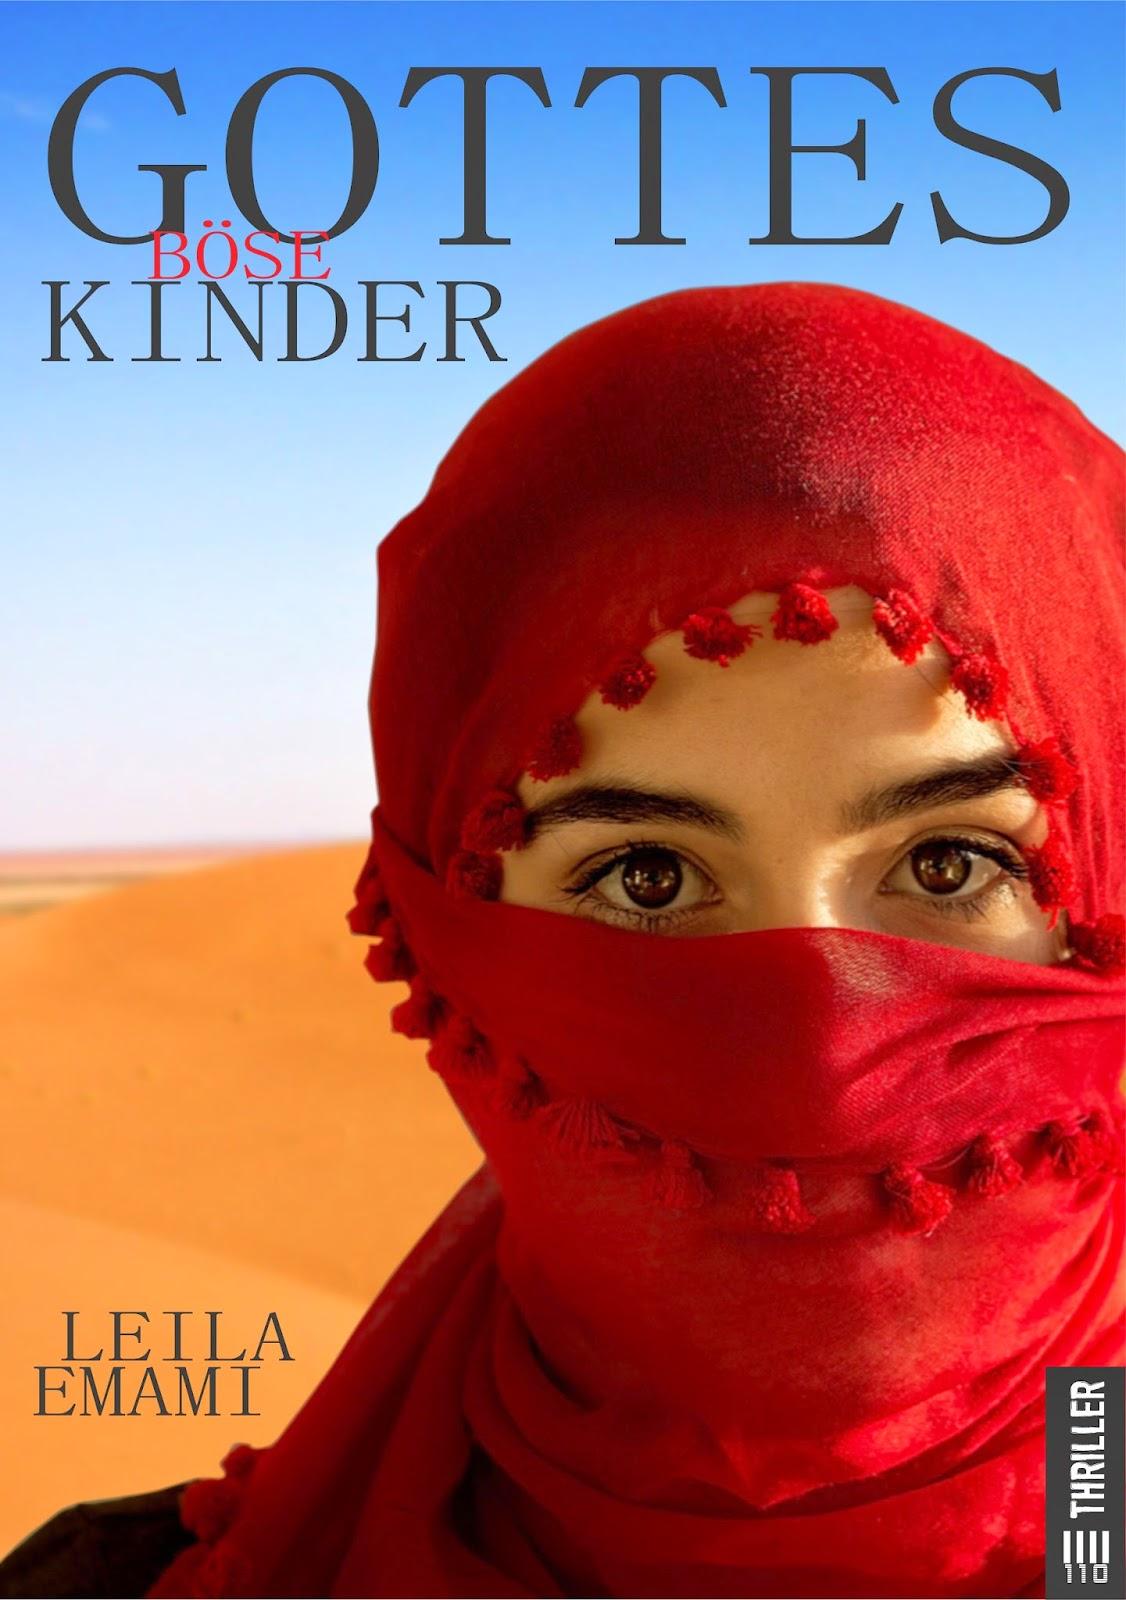 http://www.amazon.de/Gottes-b%C3%B6se-Kinder-Leila-Emami-ebook/dp/B008R8SL8A